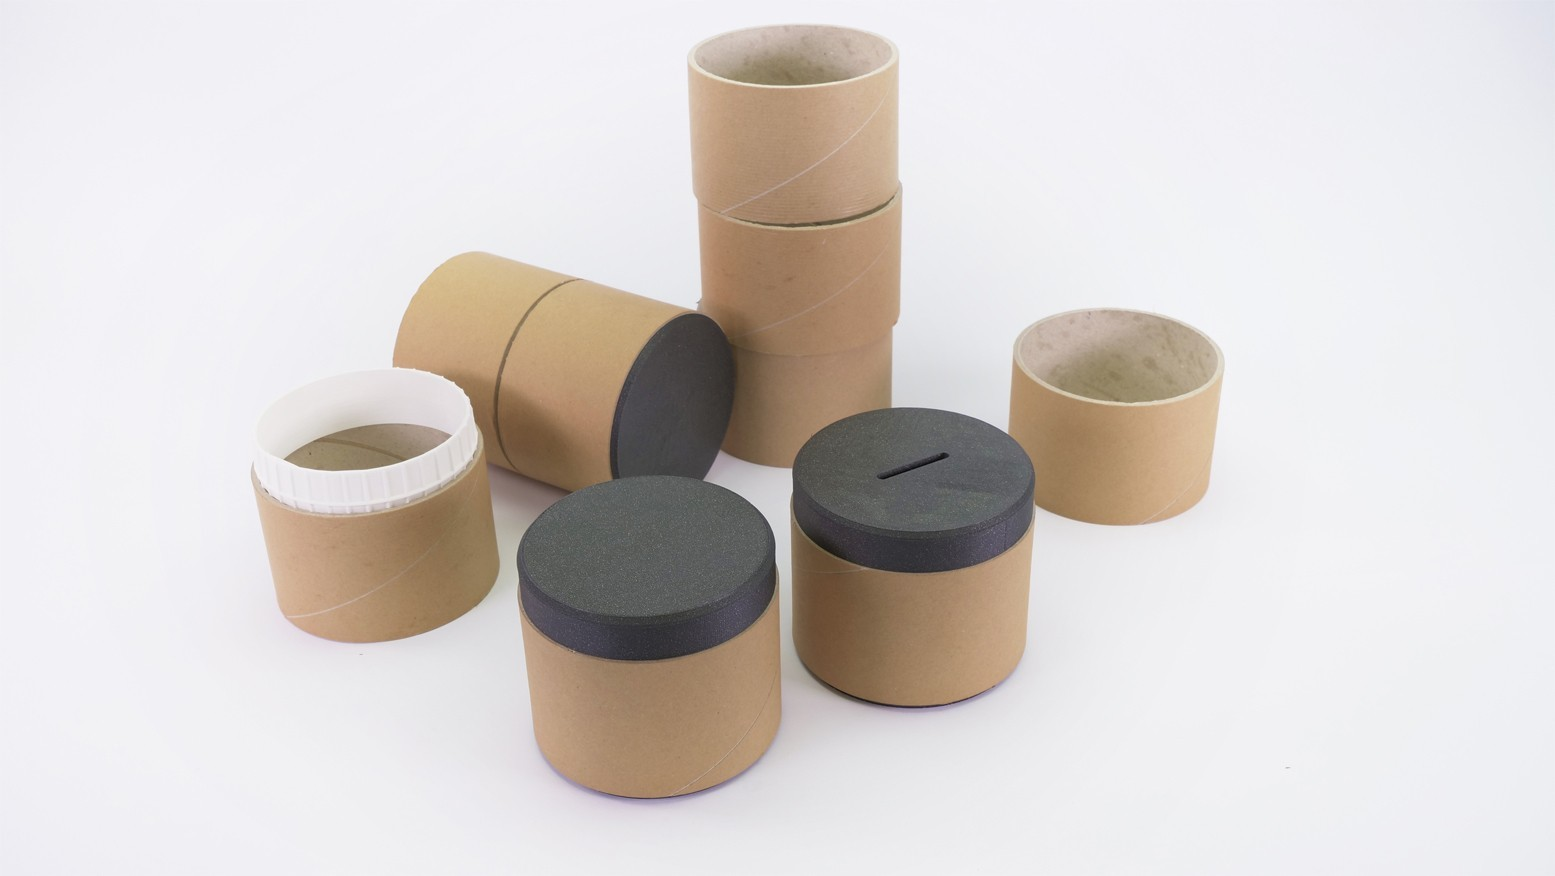 Containers_by Dominik Cisar.jpg Télécharger fichier STL gratuit CONTENEURS - ENSEMBLE DE PRÉPARATION - idée de réutilisation • Plan imprimable en 3D, cisardom